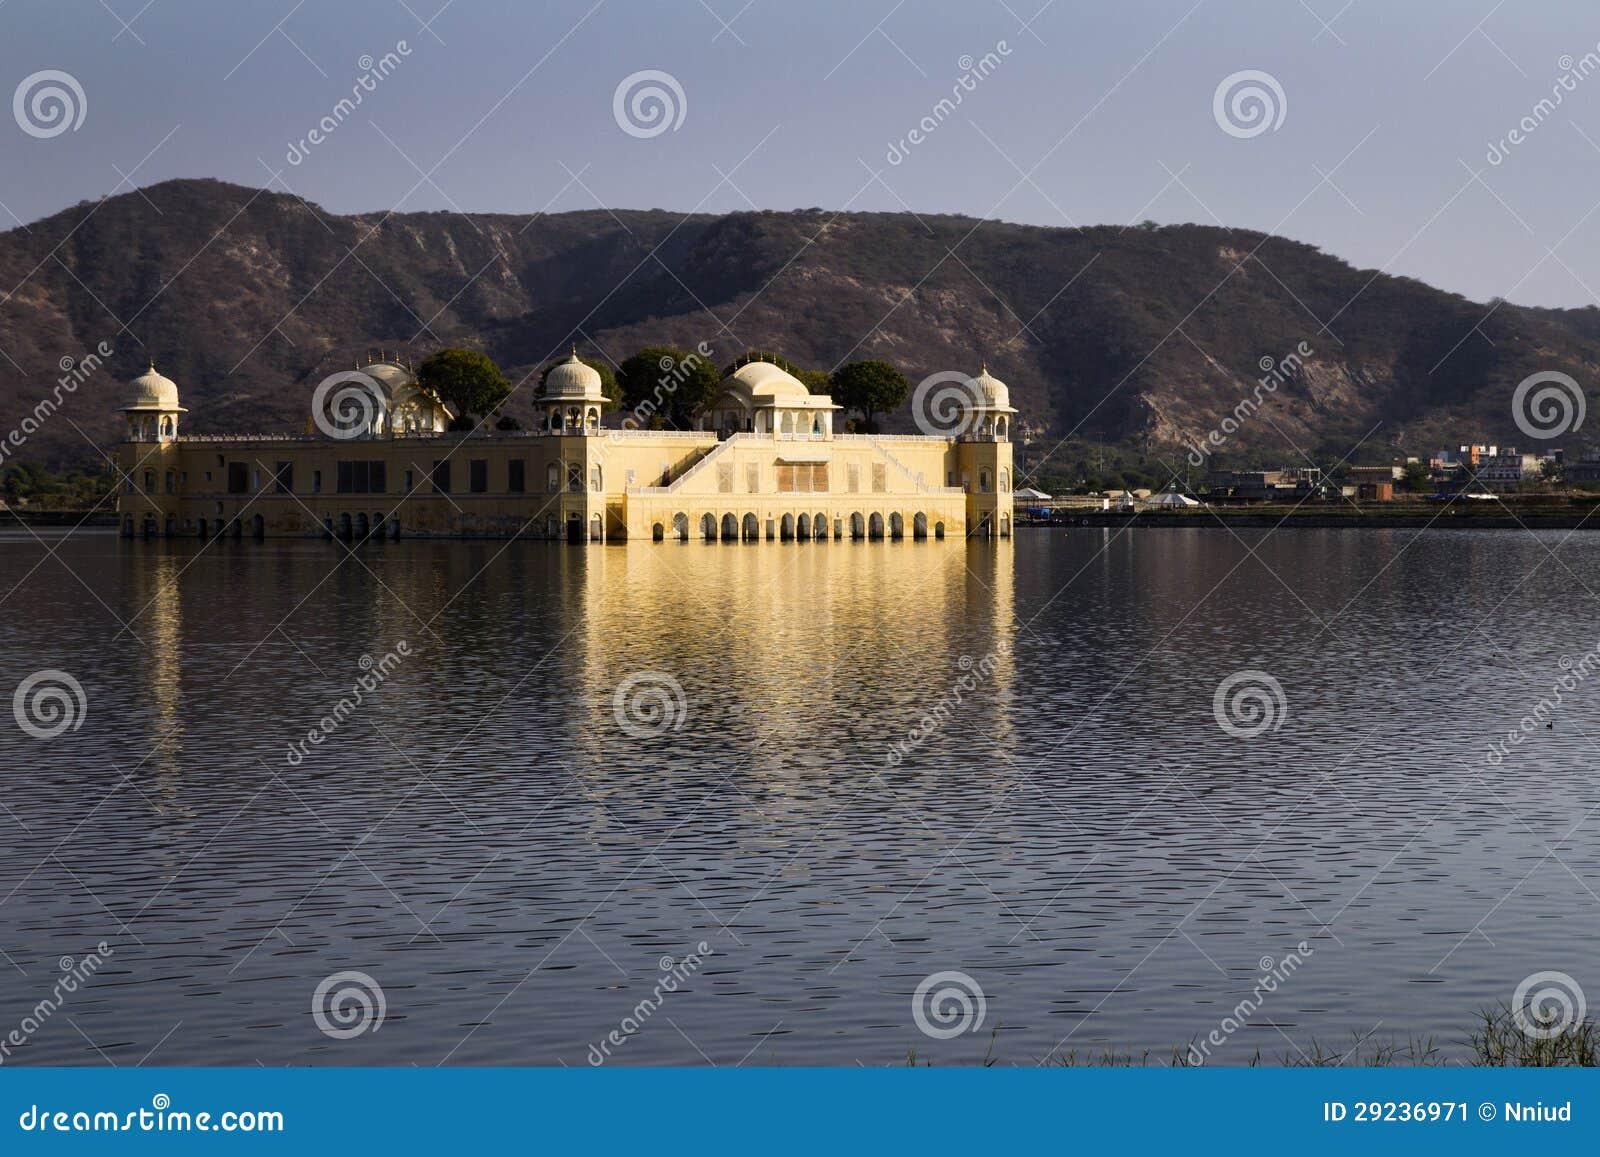 Download Jaipur, palácio no lago imagem de stock. Imagem de arte - 29236971